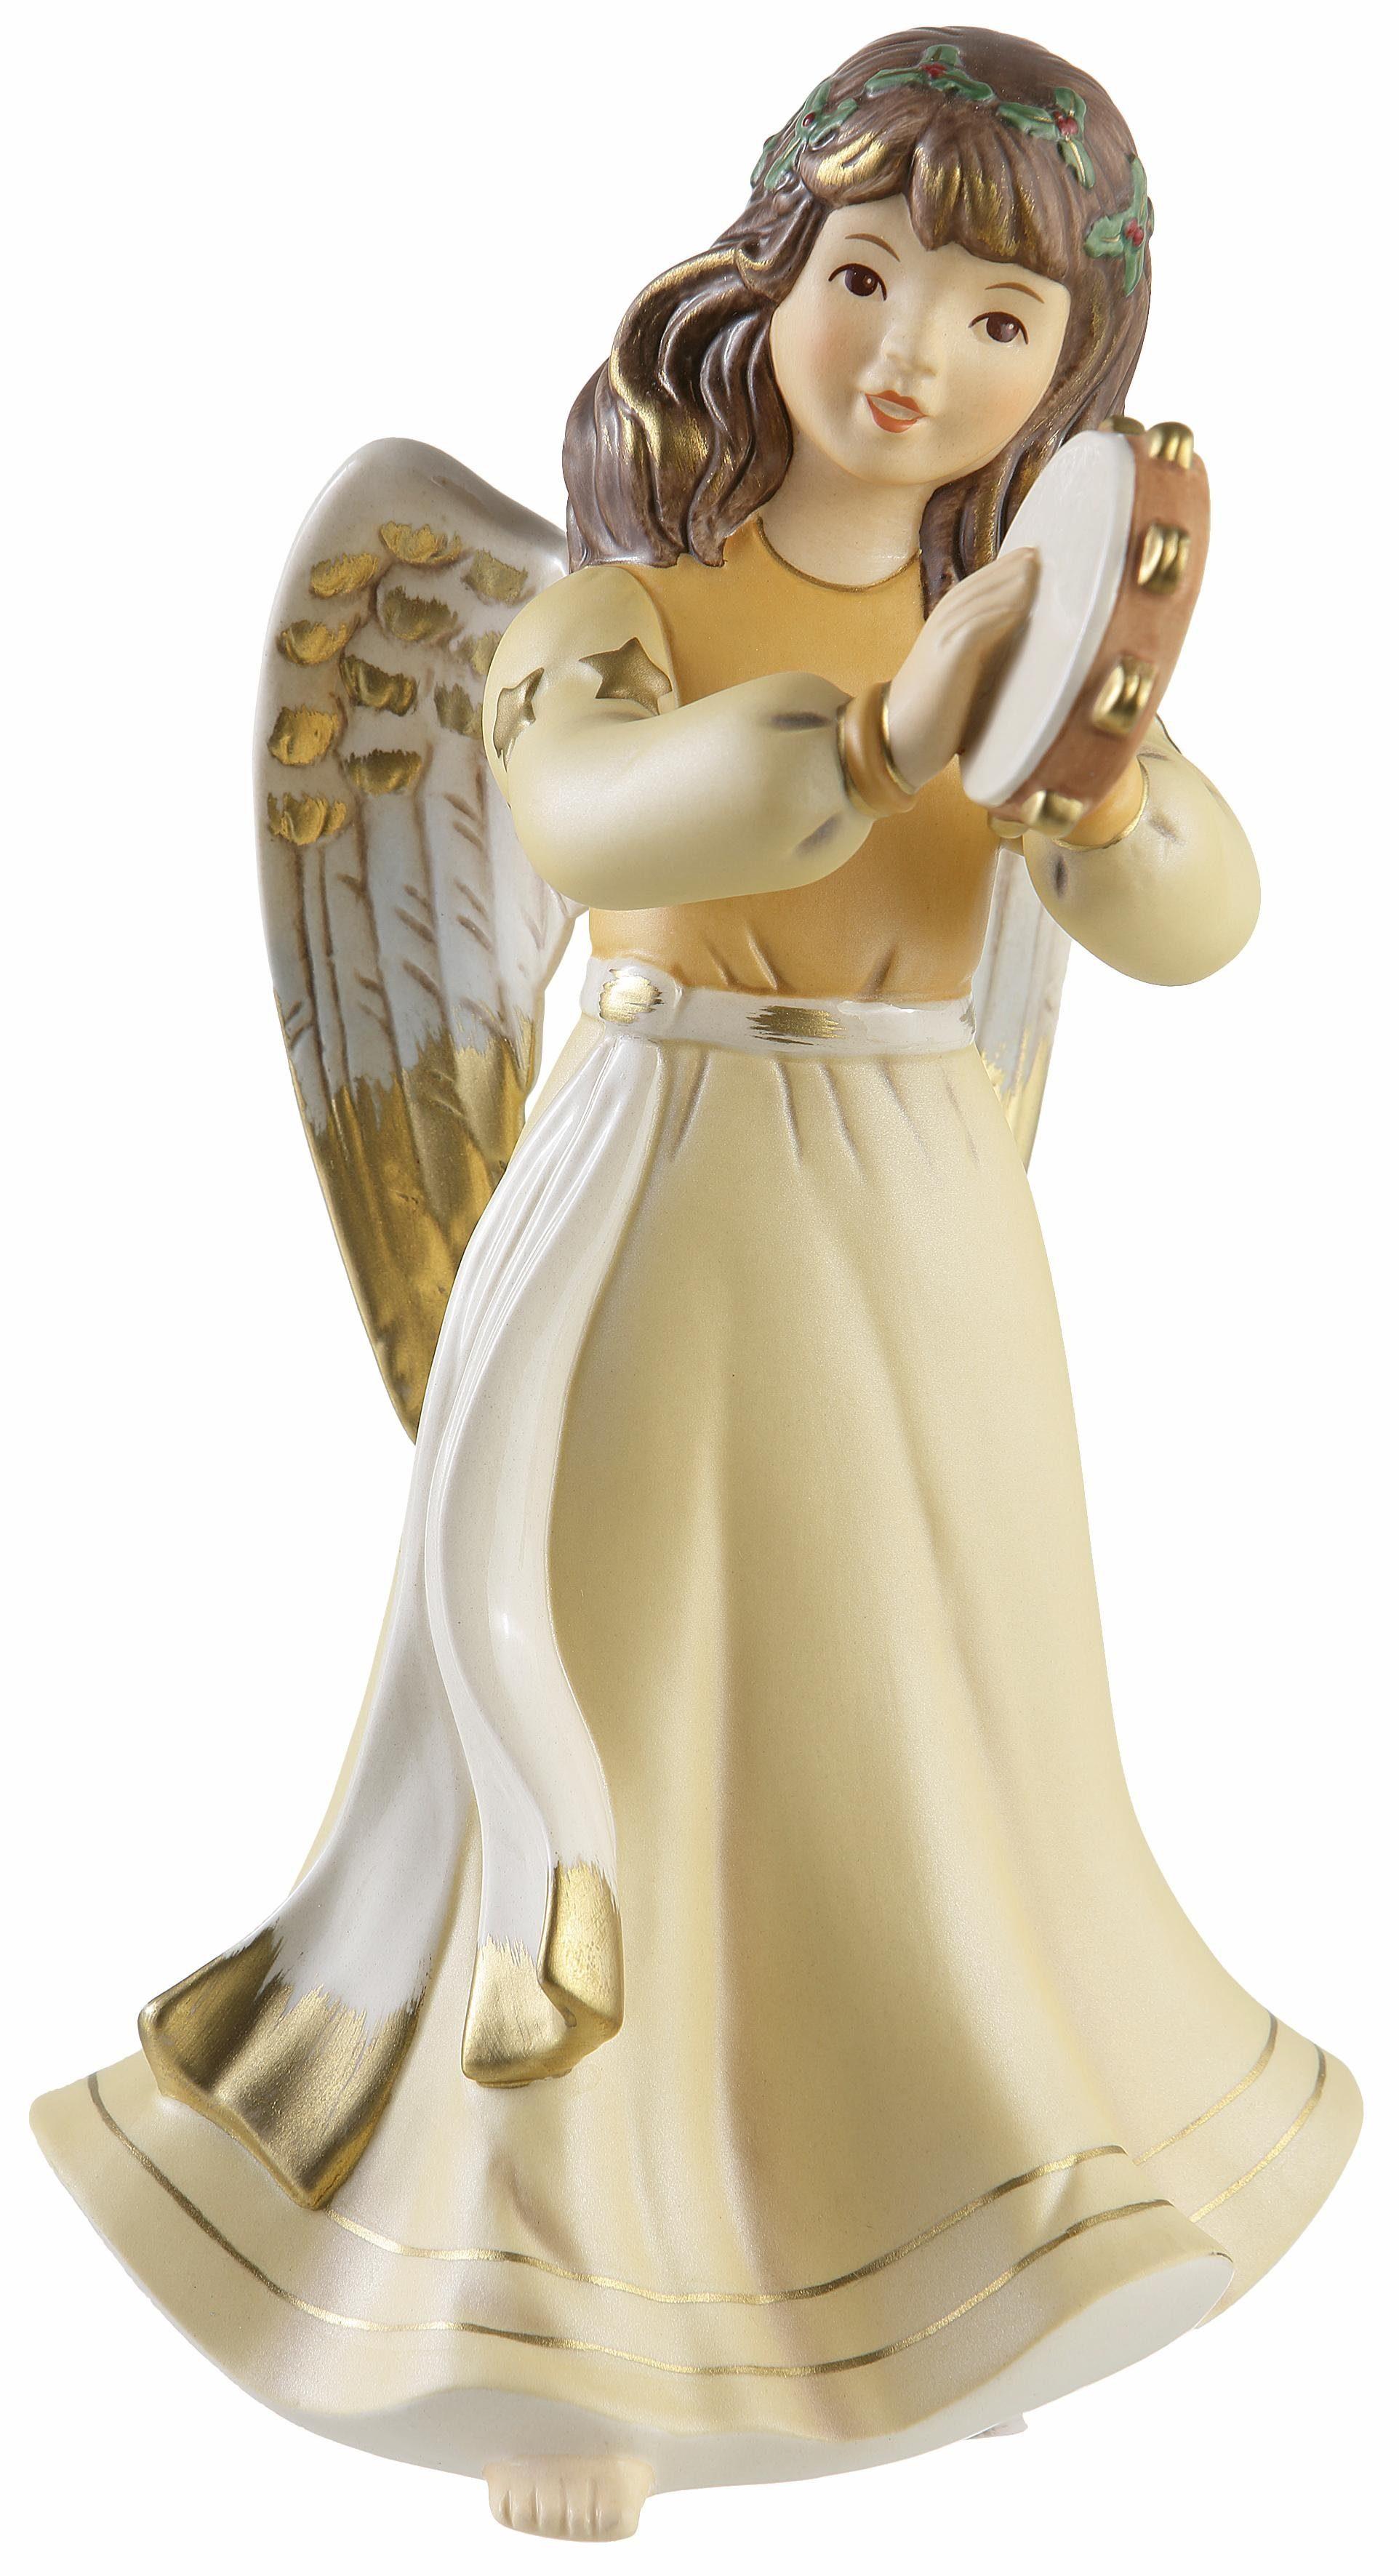 Goebel Sammlerfigur, Jahresedition 2017, »Engel mit Tamburin«